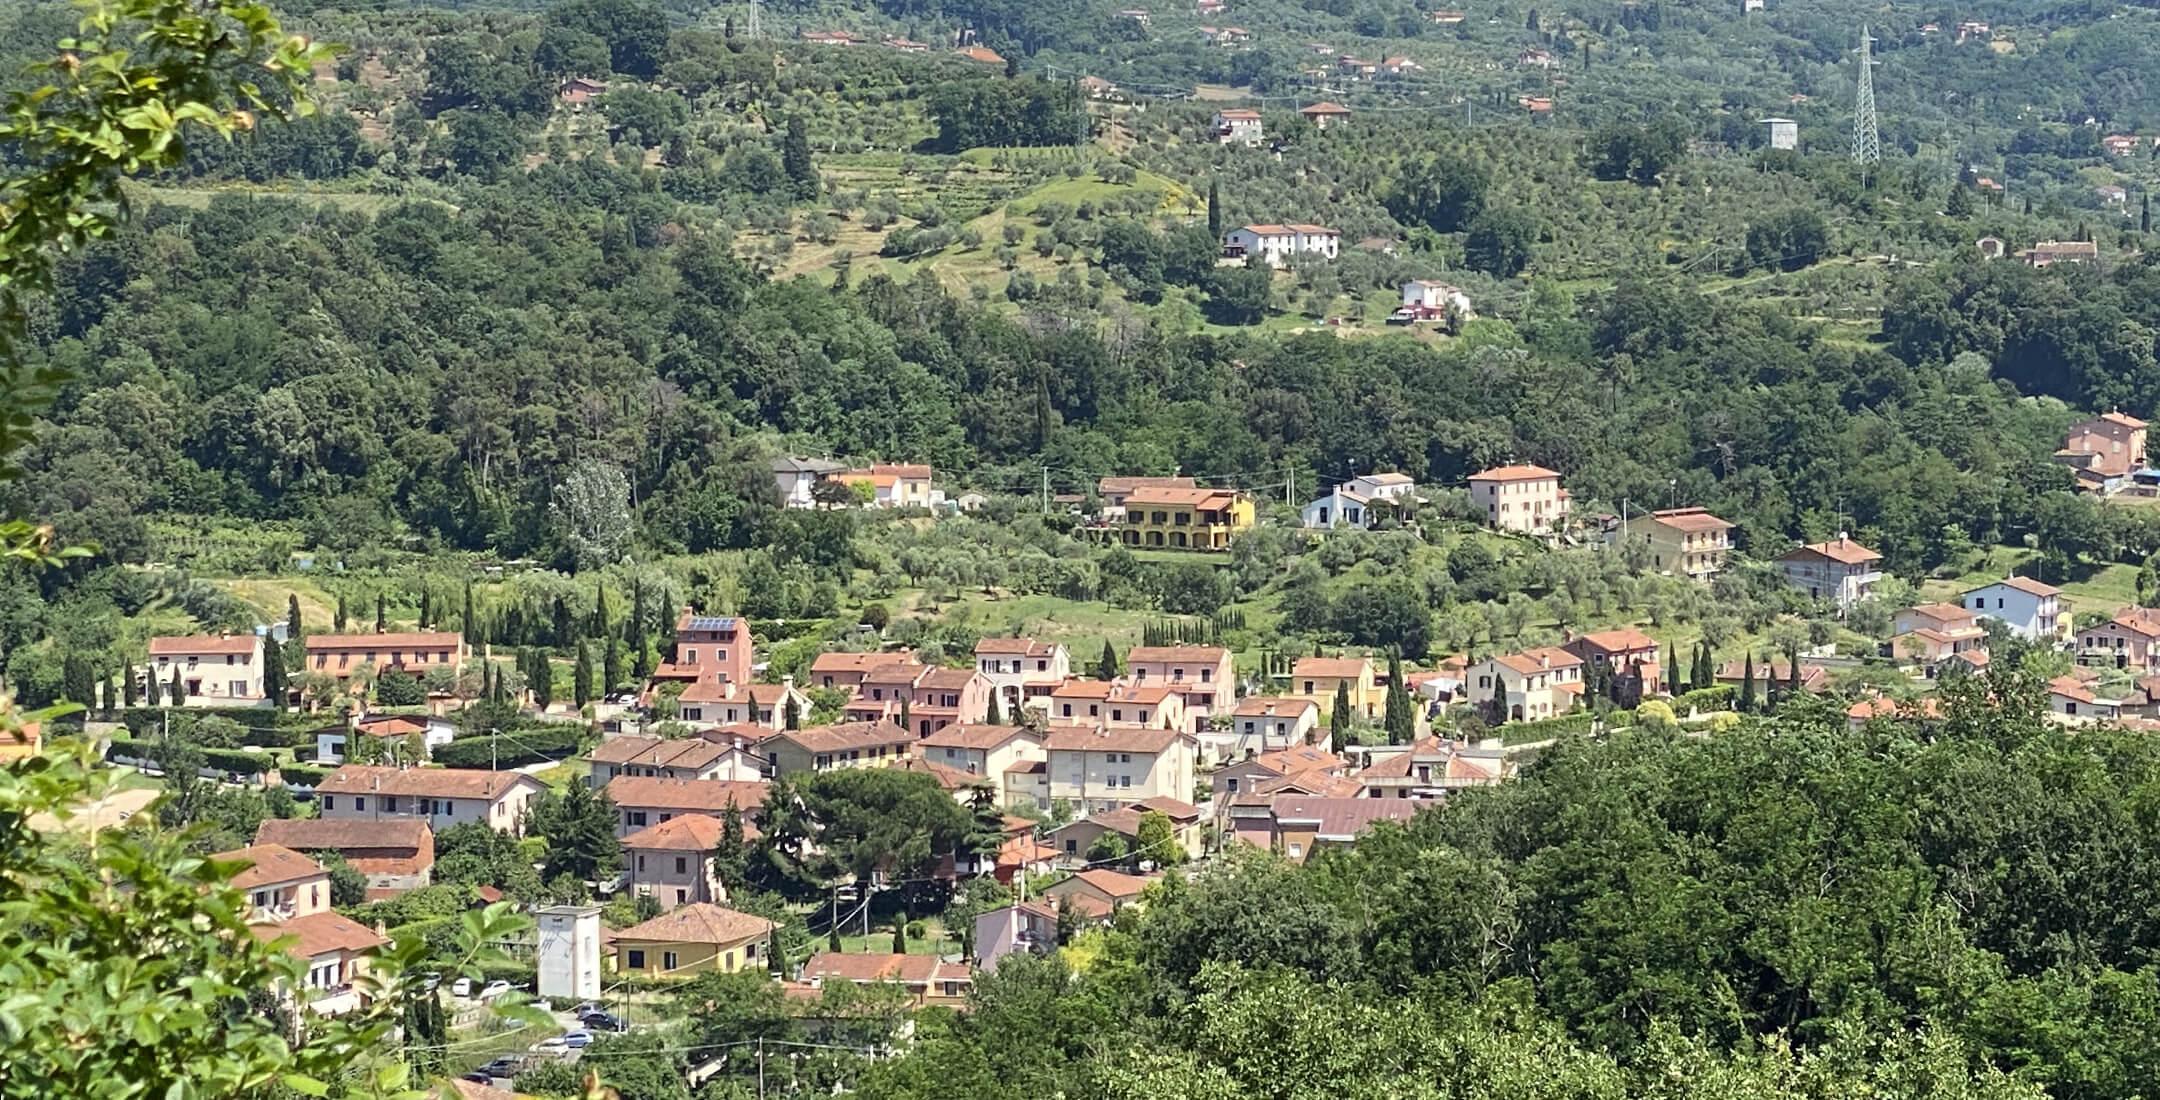 Sarzanello